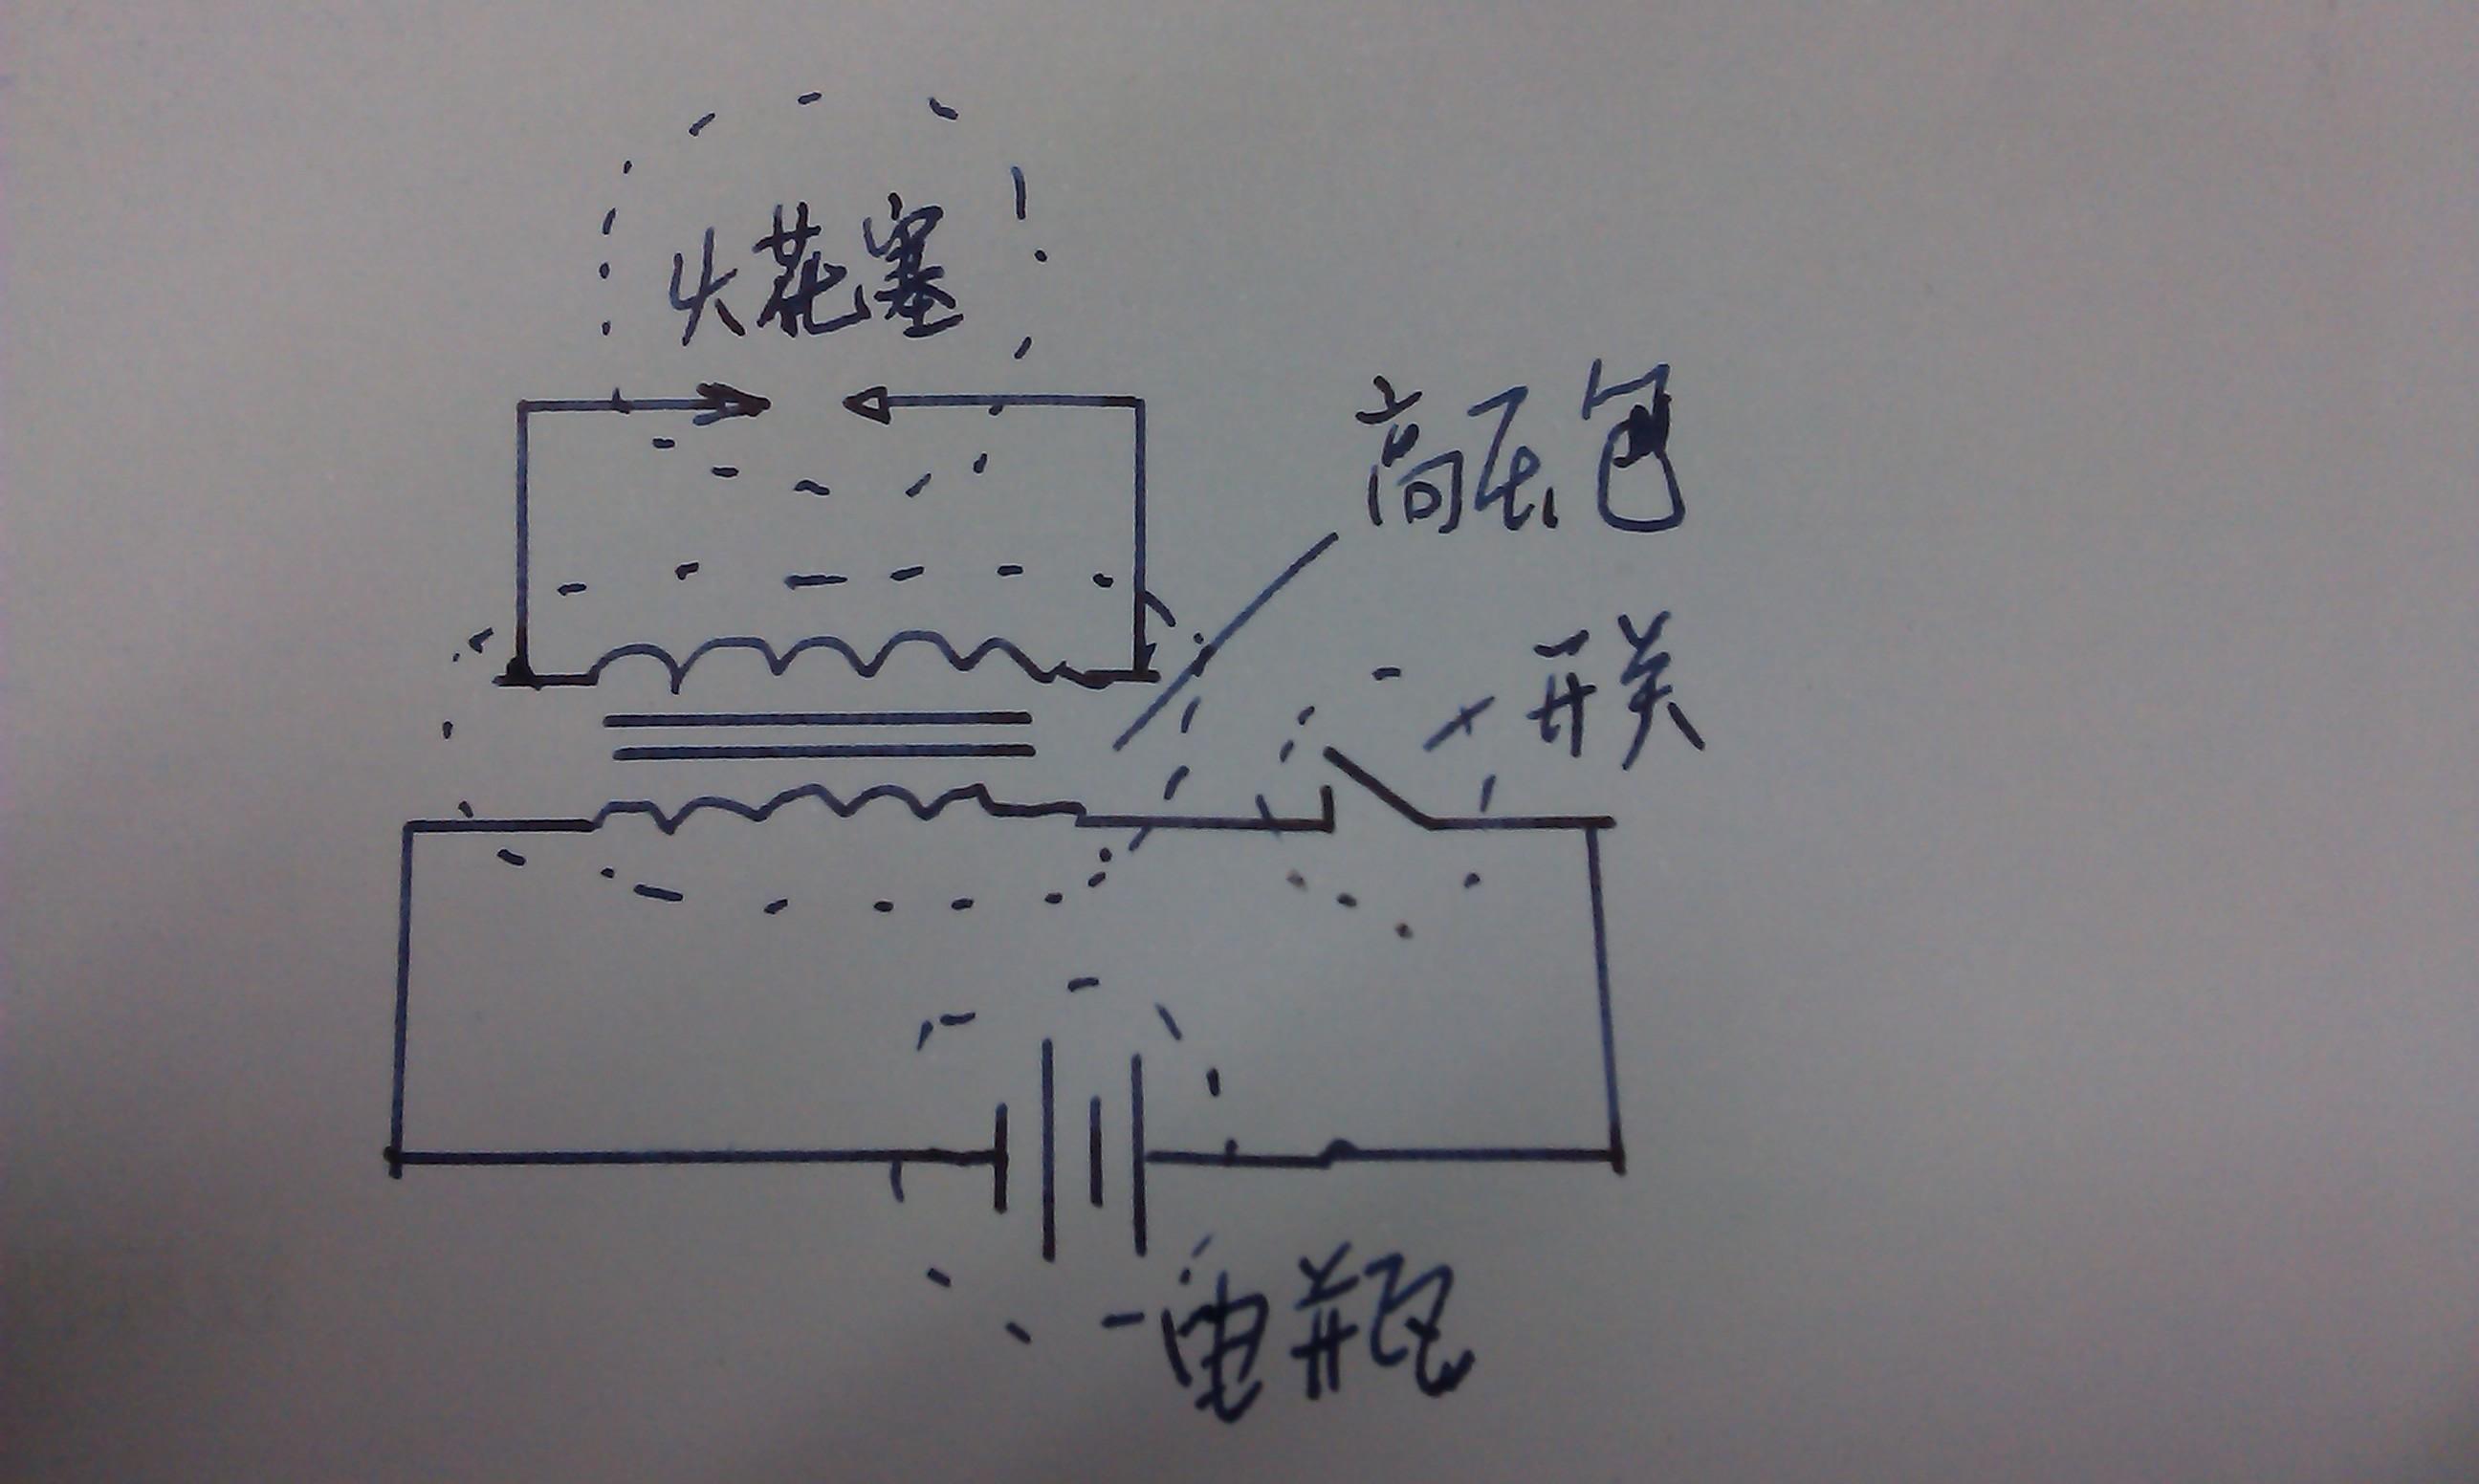 简单画了一下,供你参考. 高压包与火花塞的连接 高压包放电高清图片